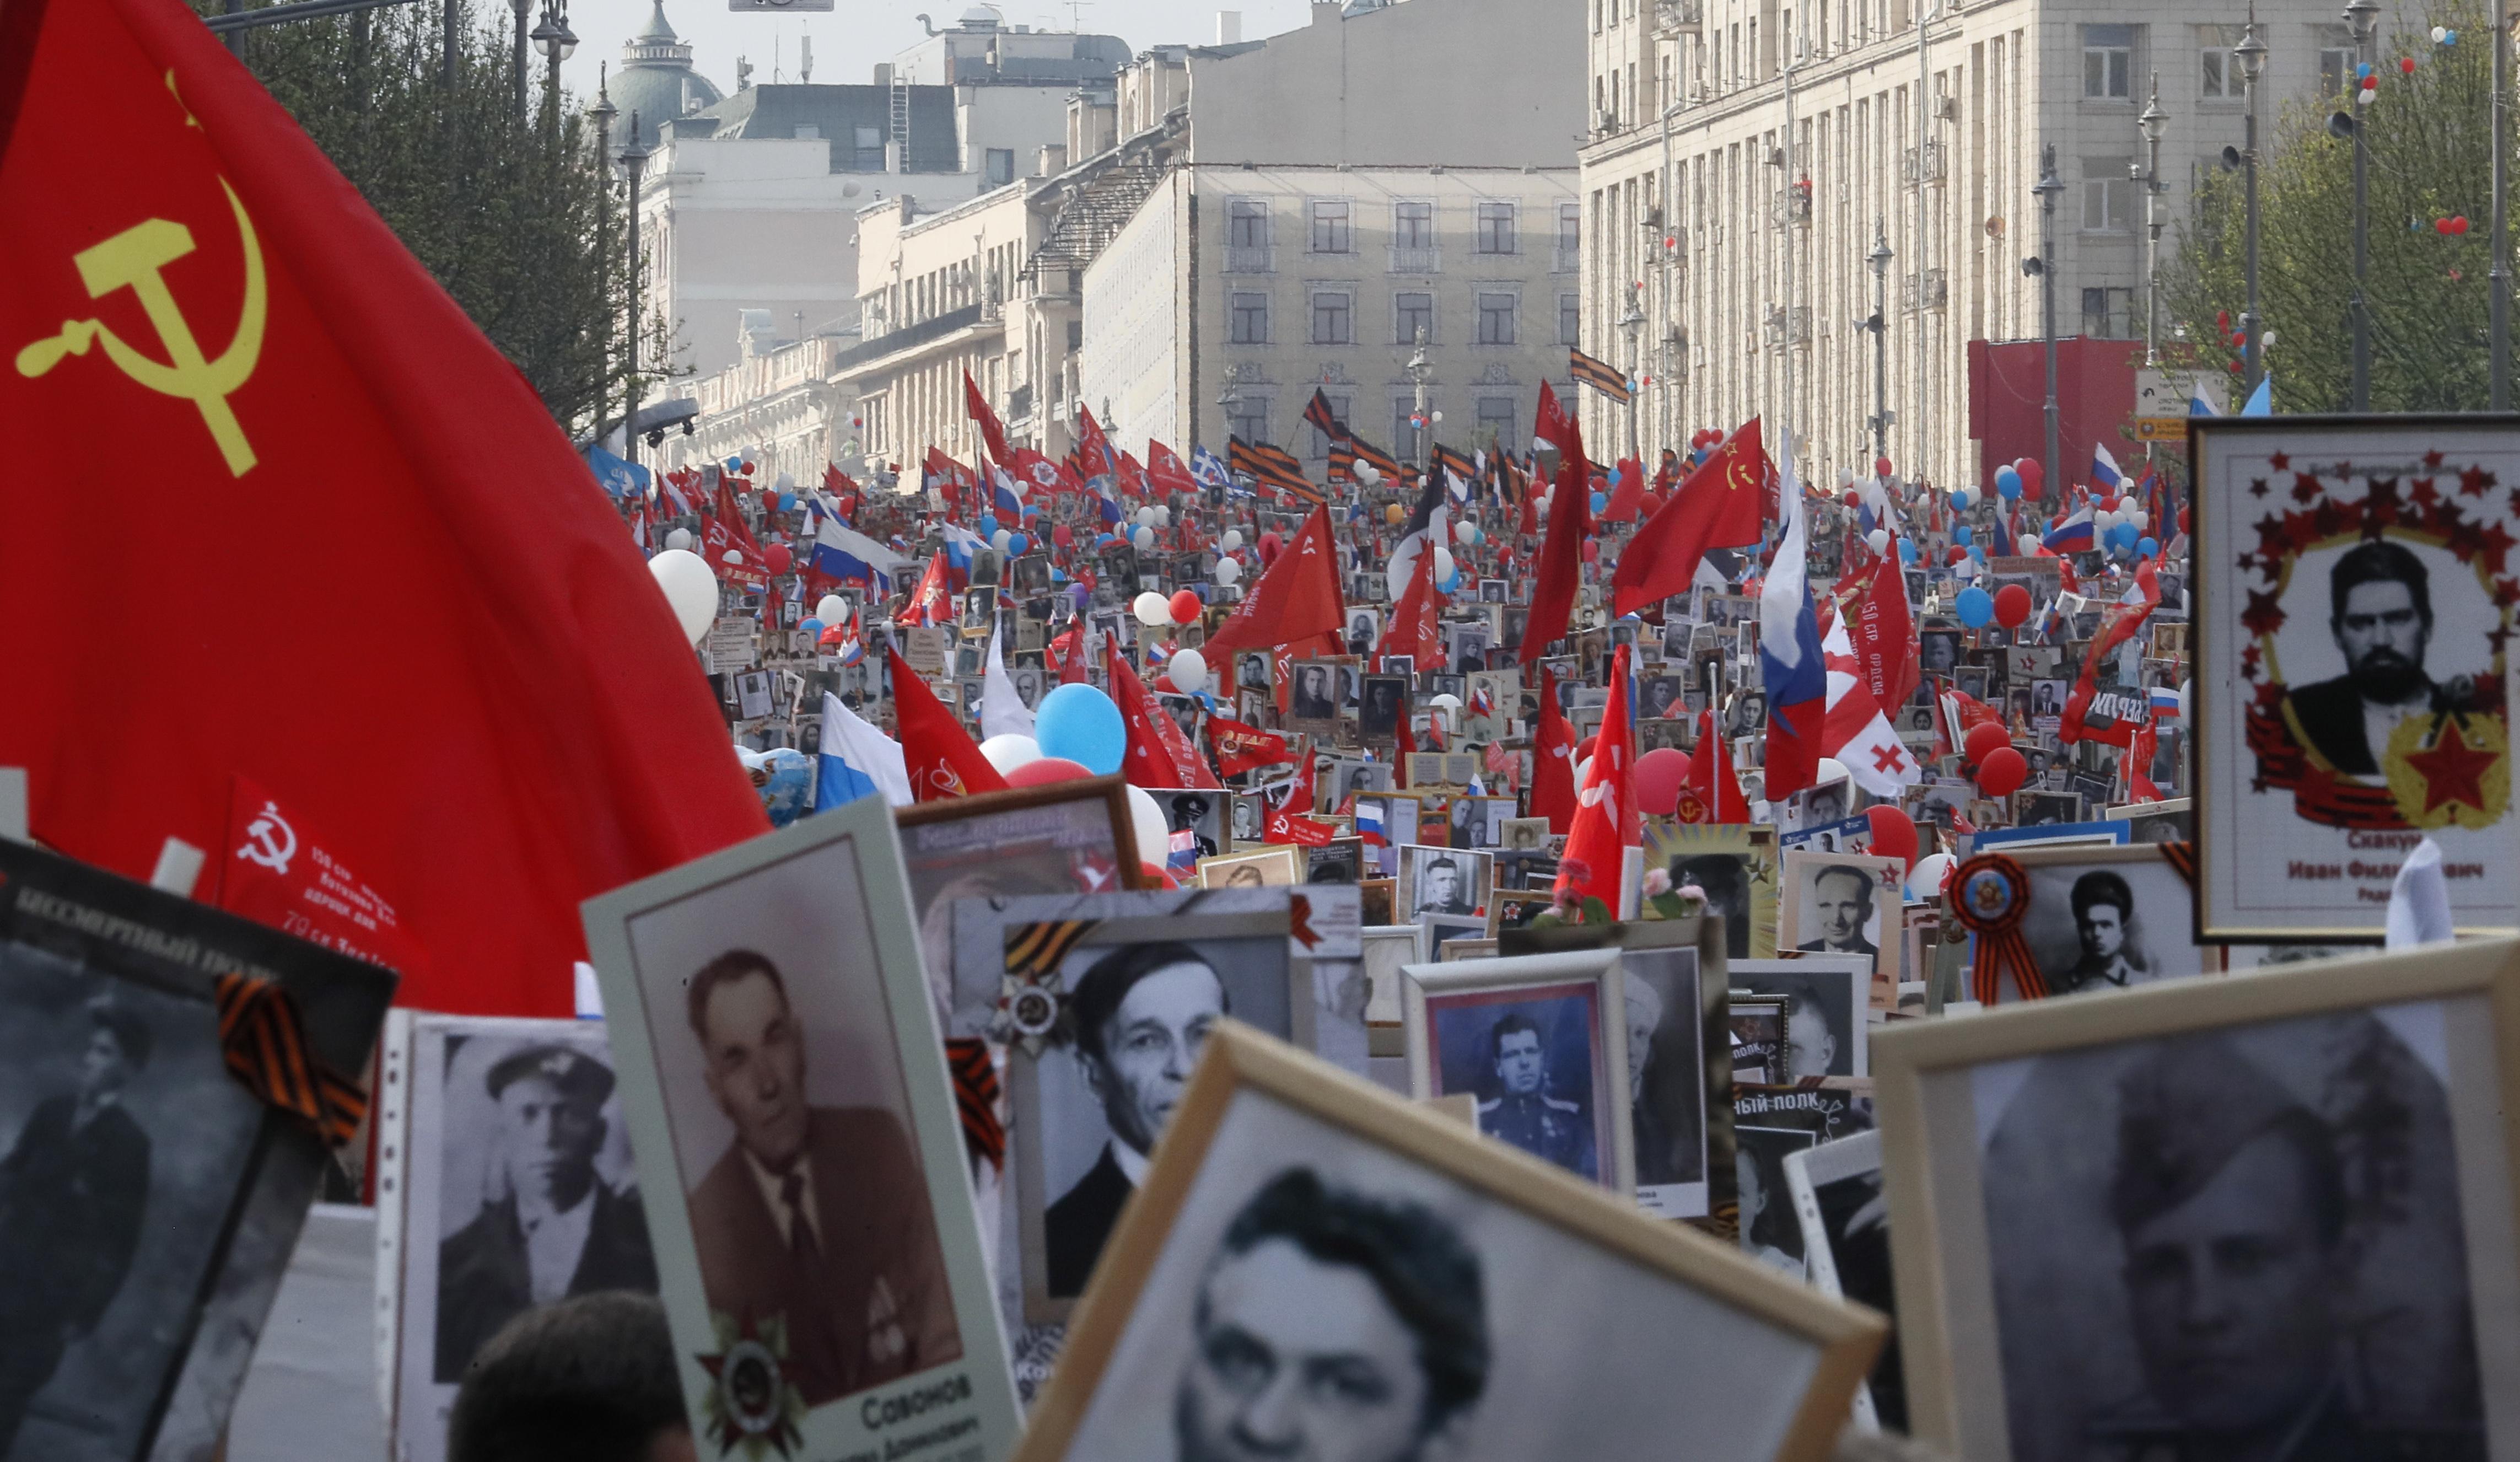 Более 600 тысяч россиян подали заявки на участие в онлайн-шествии 'Бессмертного полка'